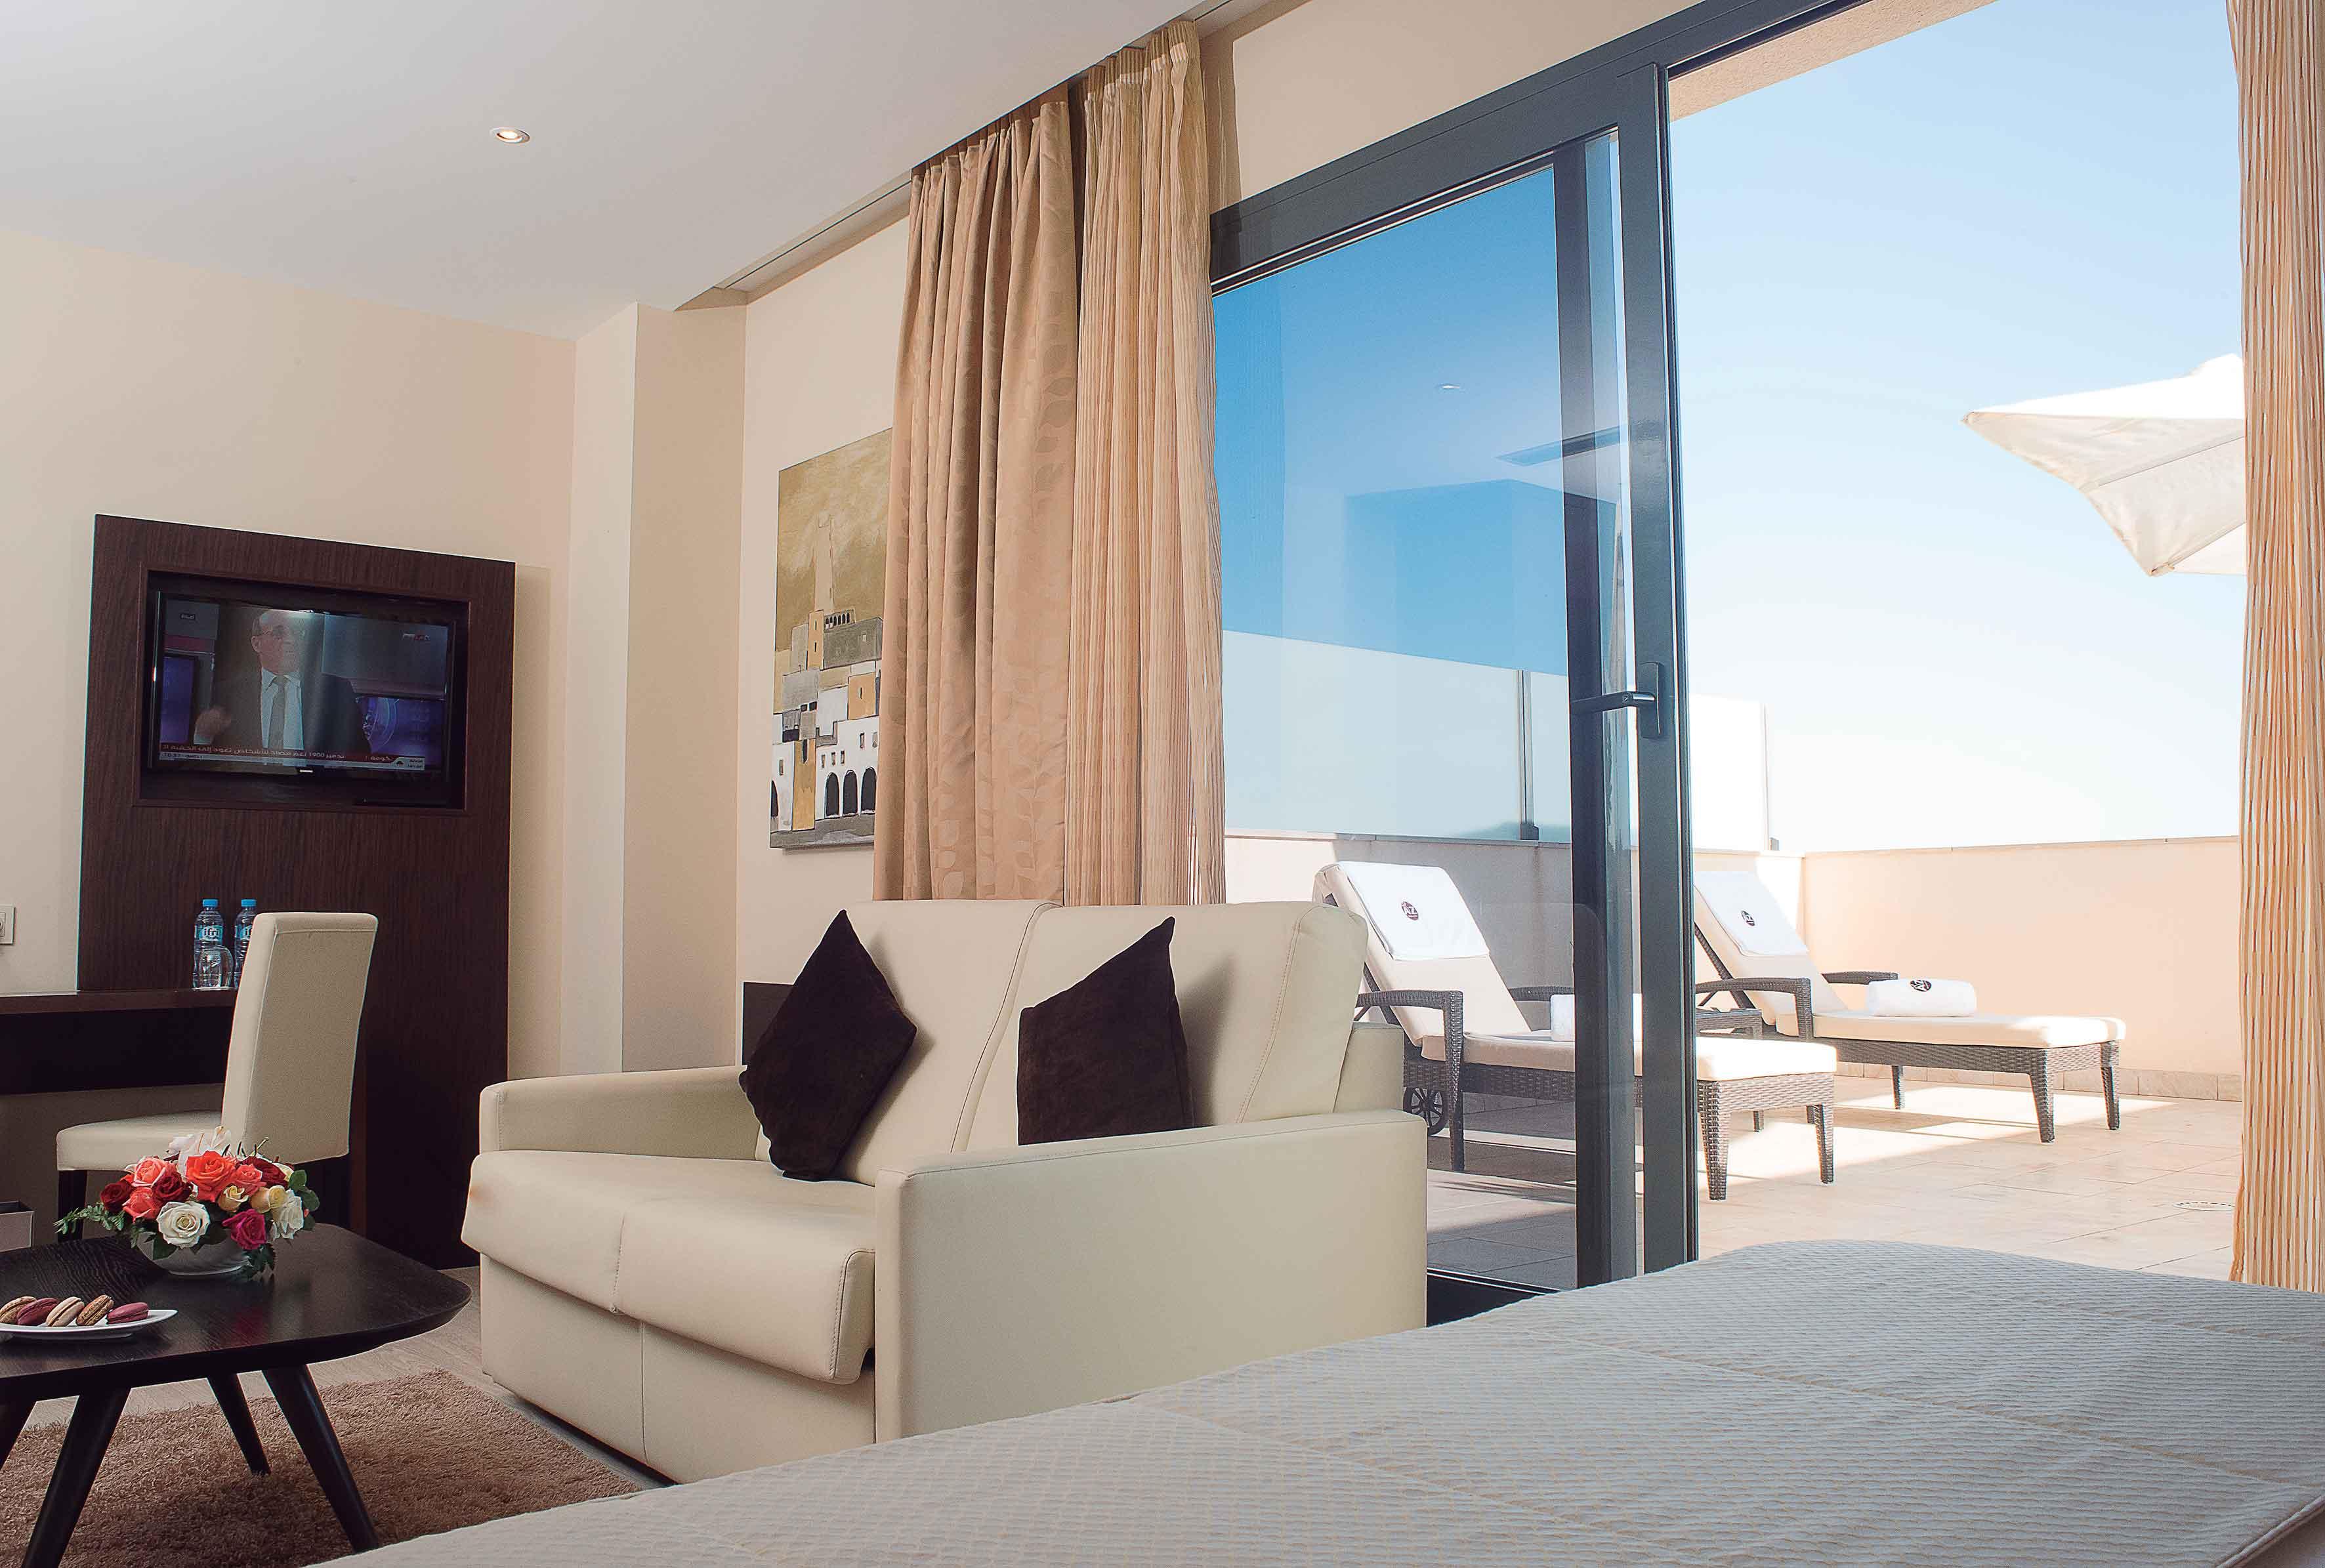 Habitación del hotel AZ Zeralda